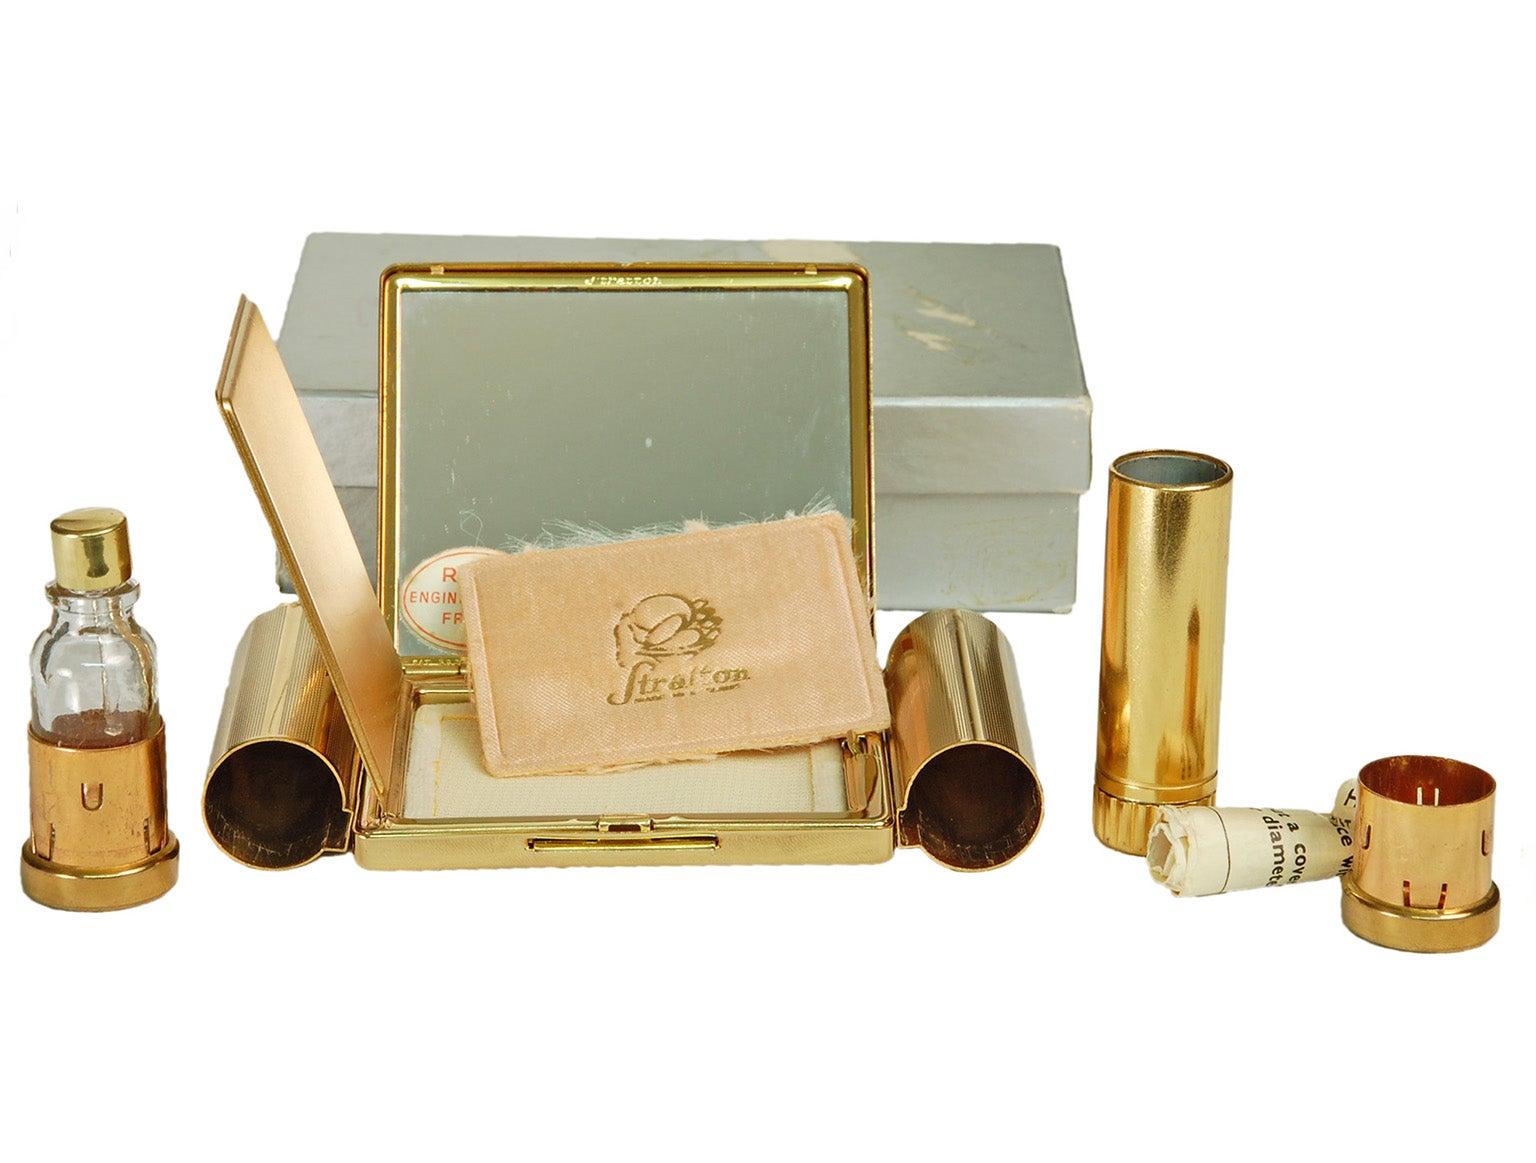 Prix D Un Puit avec 1stdibs stratton necessaire compact d'or avec parfum de rouge À